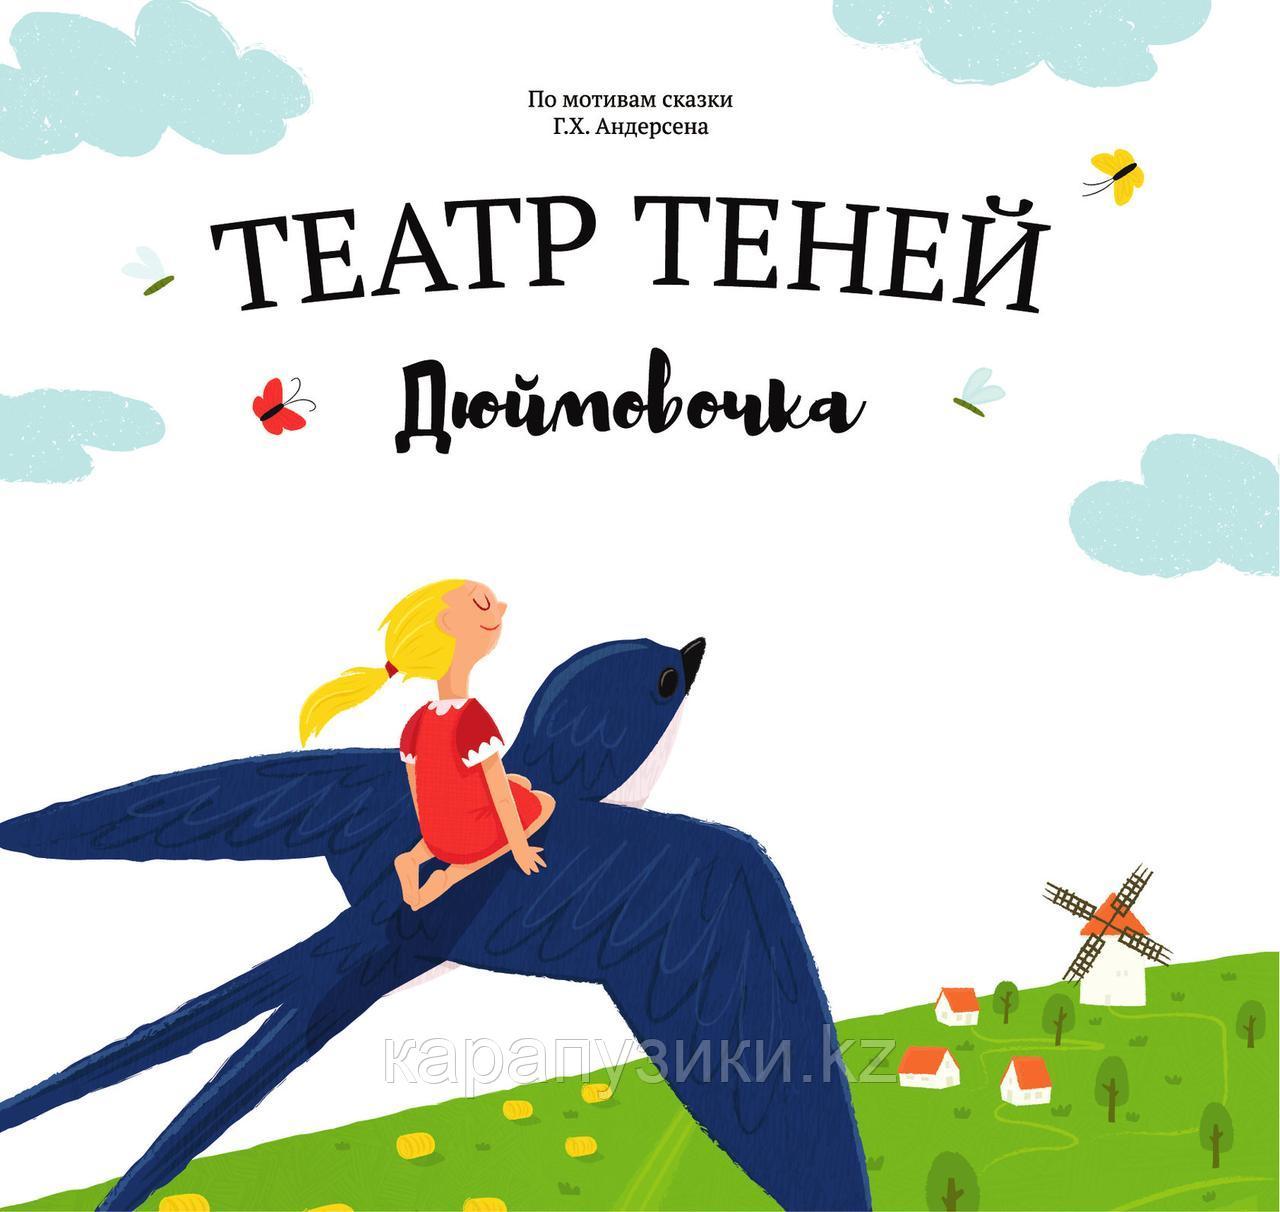 Книга театр теней Дюймовочка